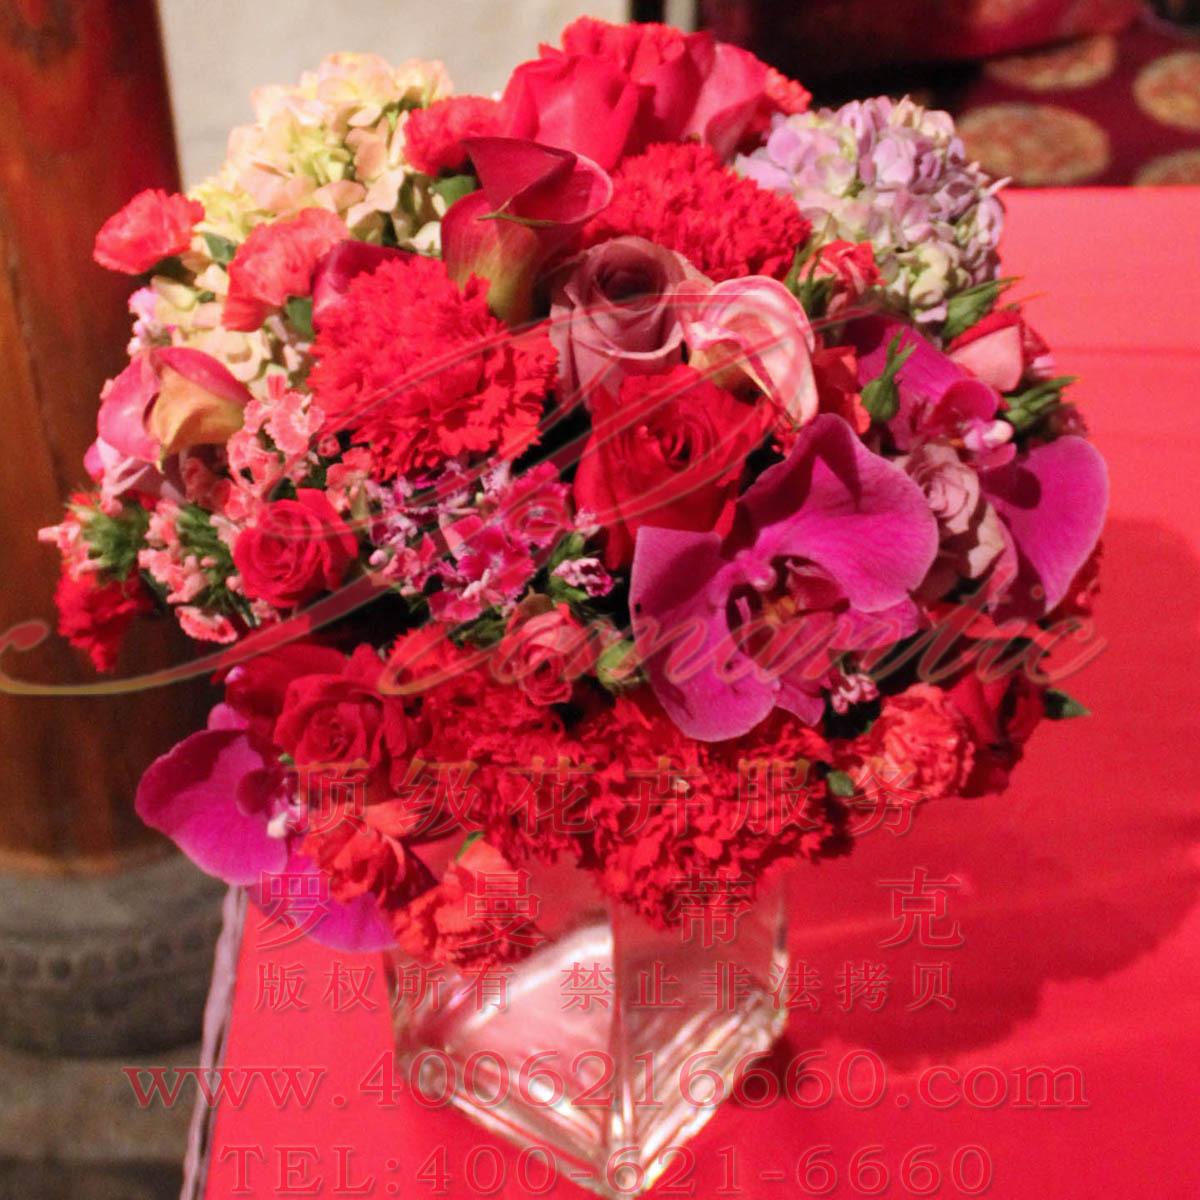 大宅门中式婚礼鲜花布景|实拍113a3|蝴蝶兰石柱梅绣球图片